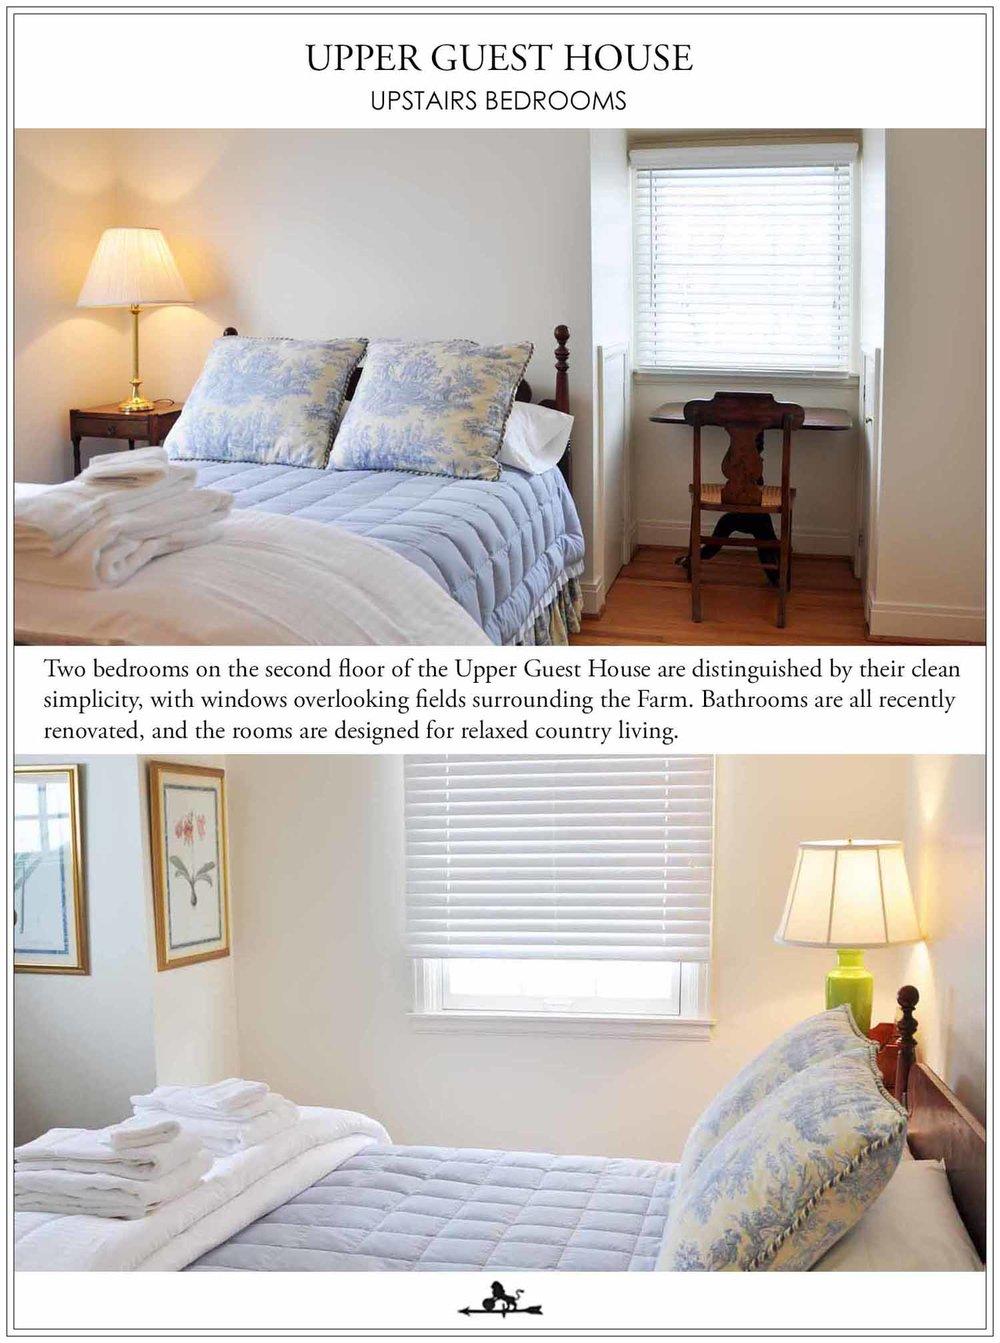 UPPER GH  BEDS.jpg